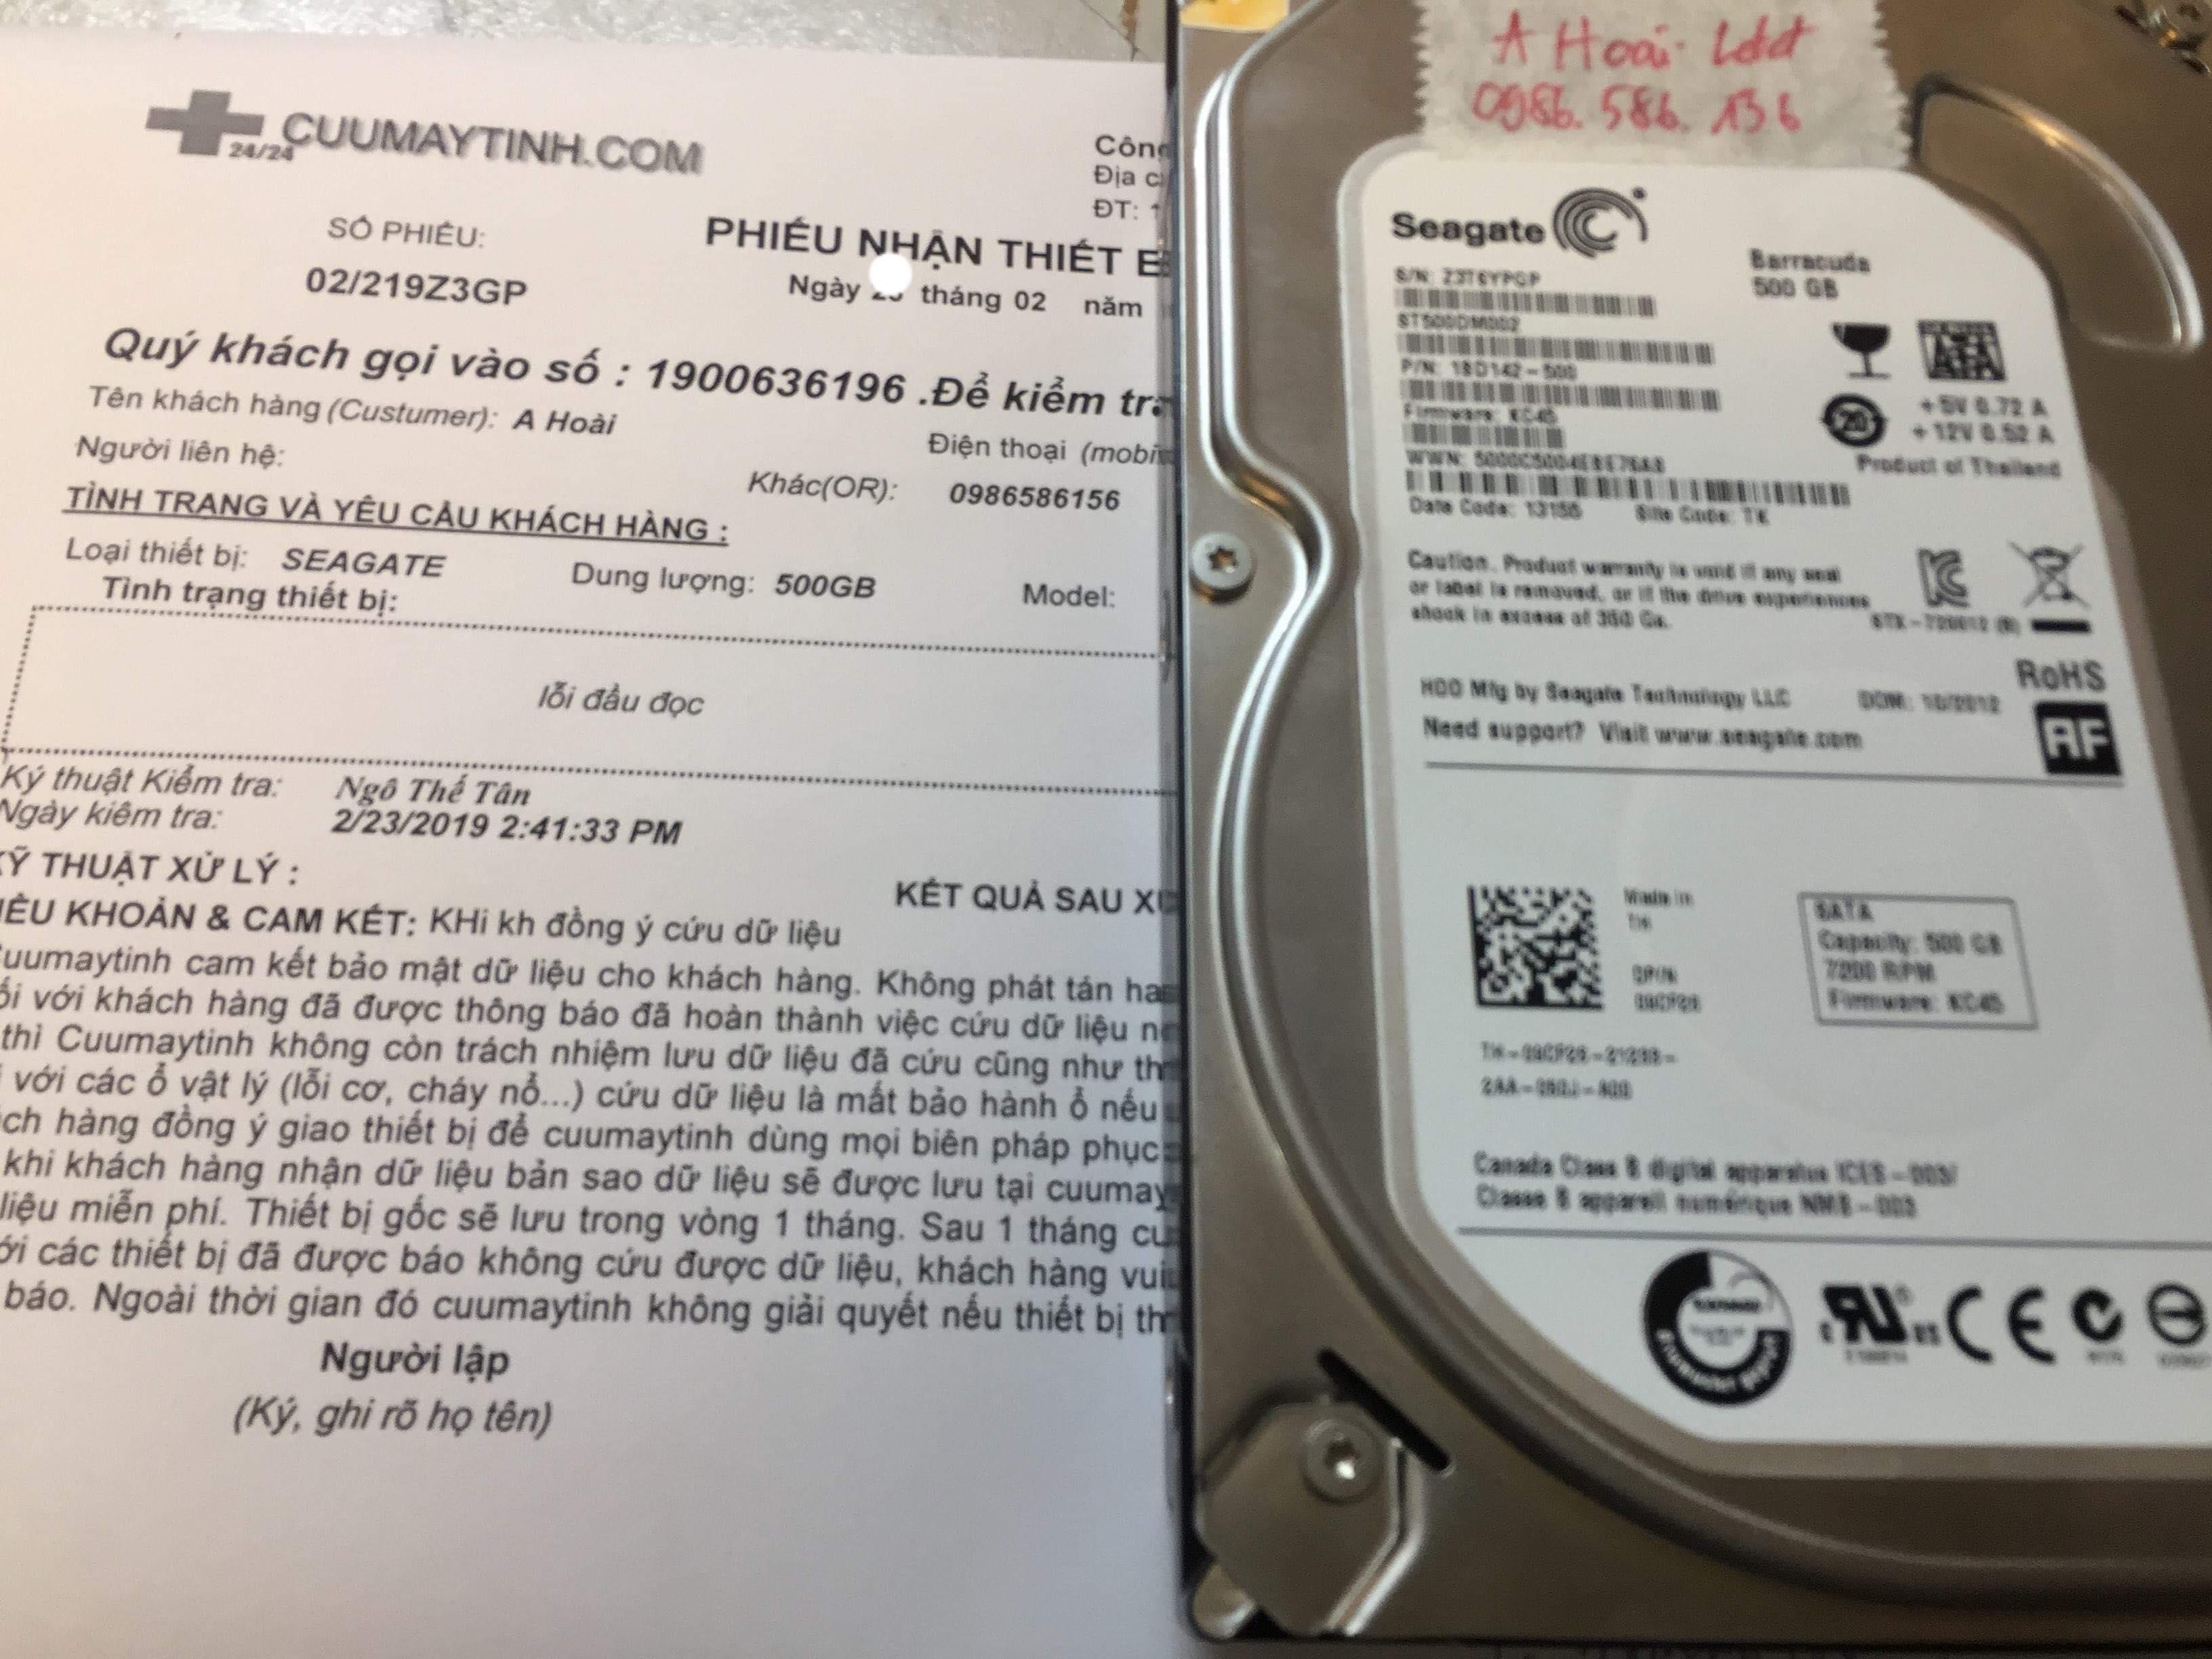 Lấy dữ liệu ổ cứng Seagate 500GB lỗi đầu đọc 27/02/2019 - cuumaytinh